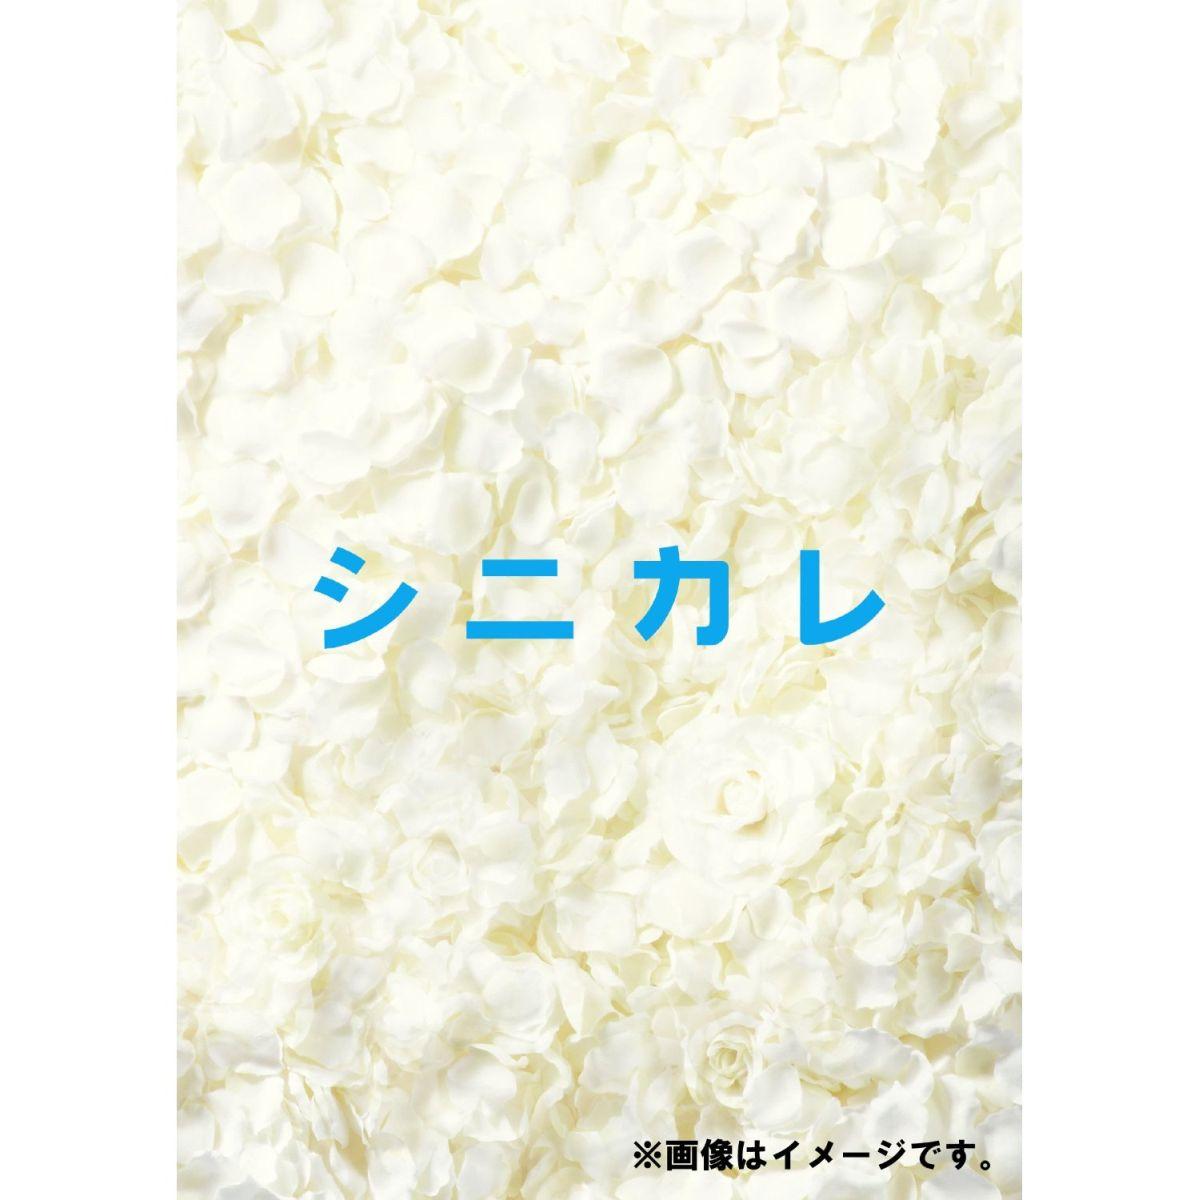 シニカレ完全版 ブルーレイBOX【Blu-ray】 [ 藤ヶ谷太輔 ]...:book:16307838